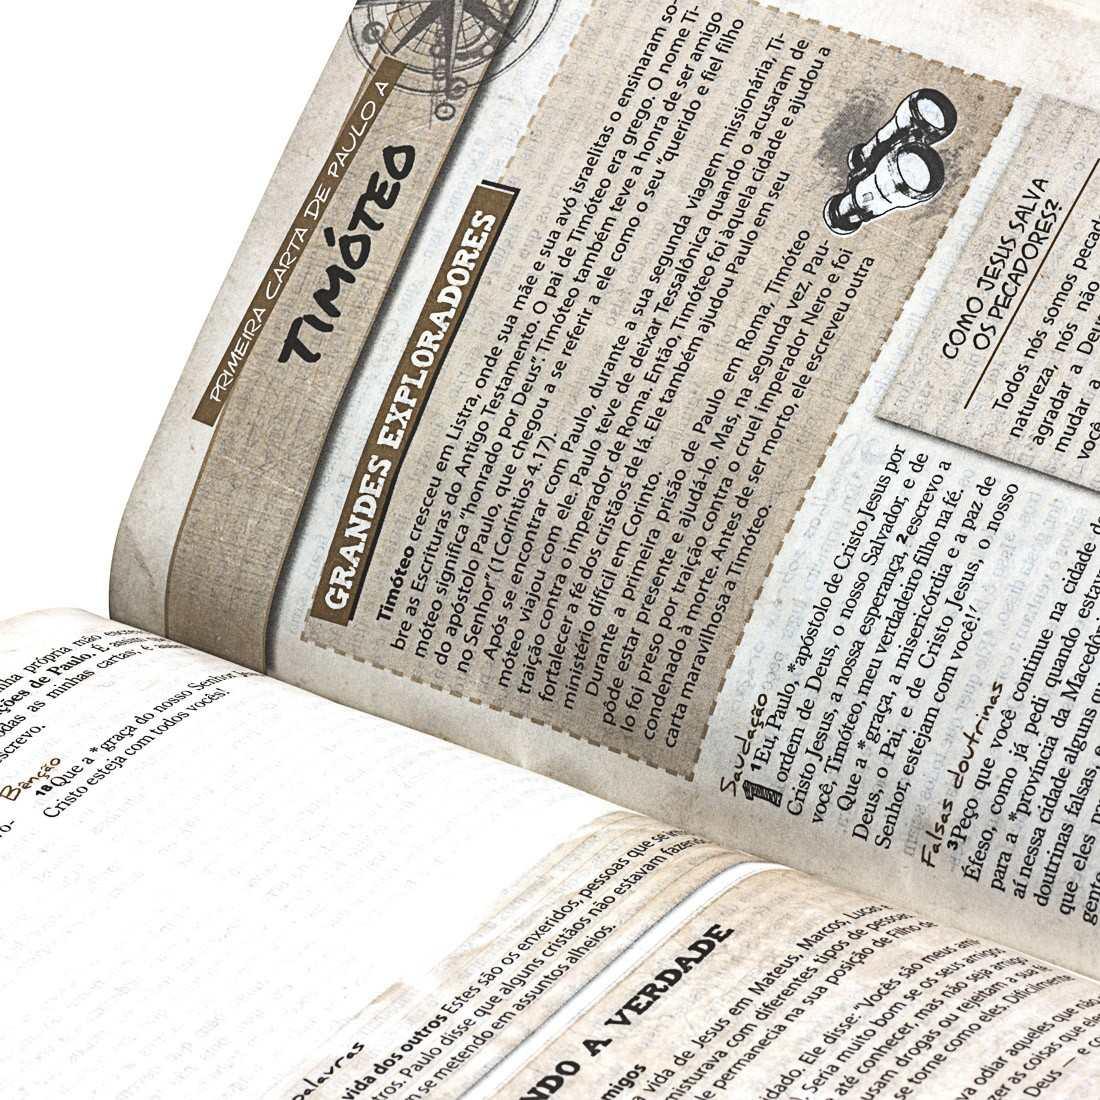 Juegos de la Biblia para jvenes - thebellmeadecom